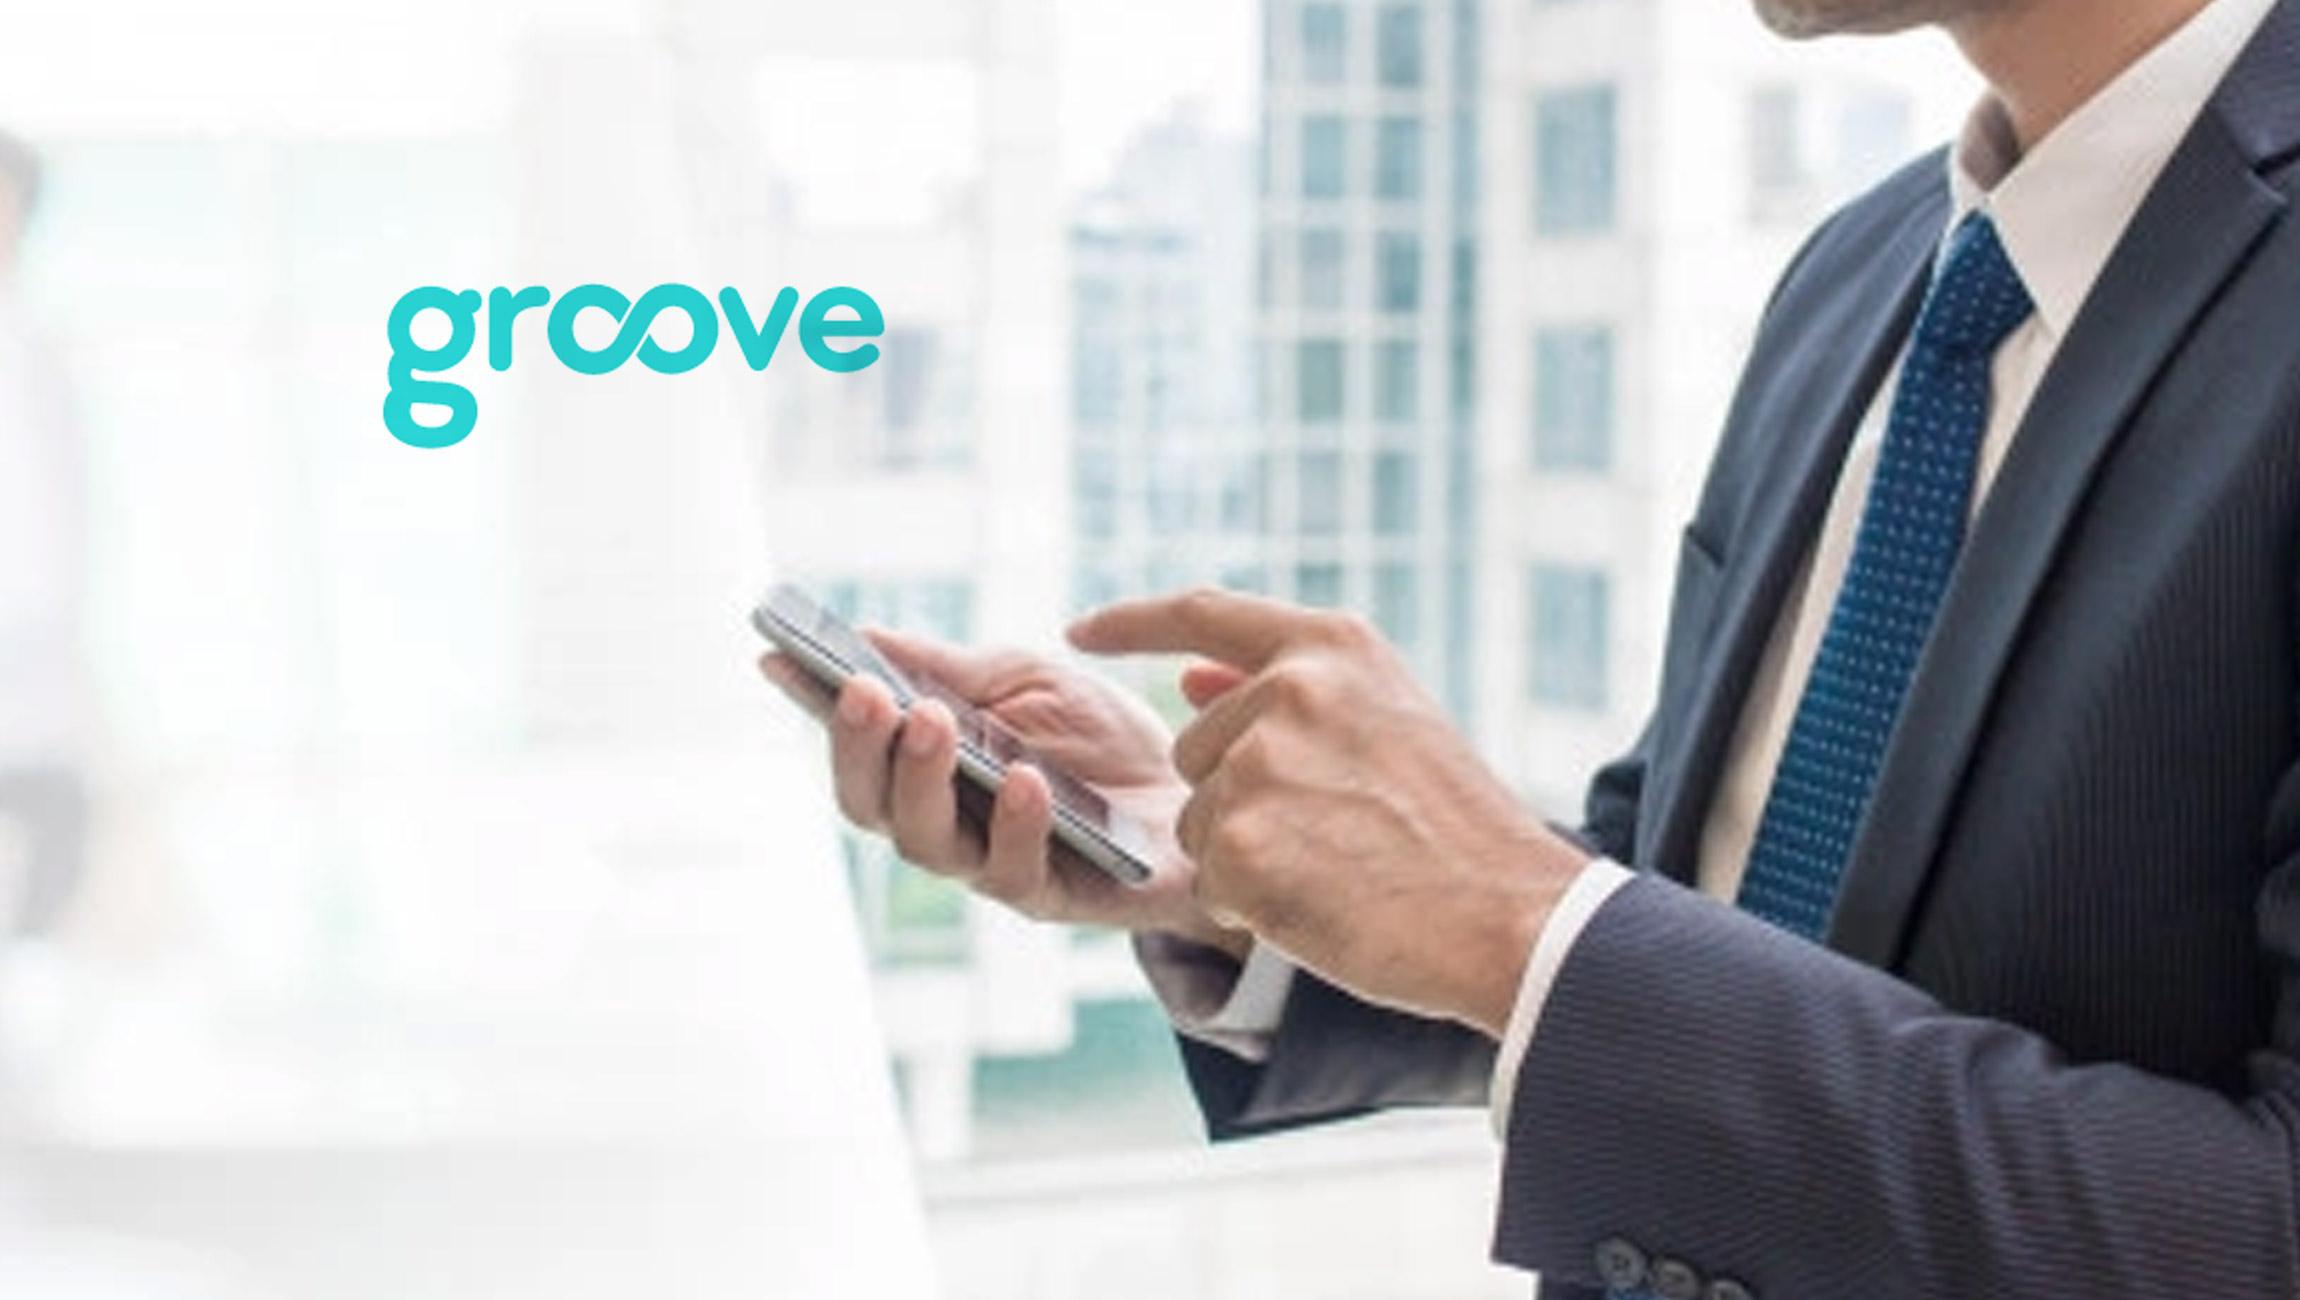 Groove Brings Sendoso Sending to the Inbox